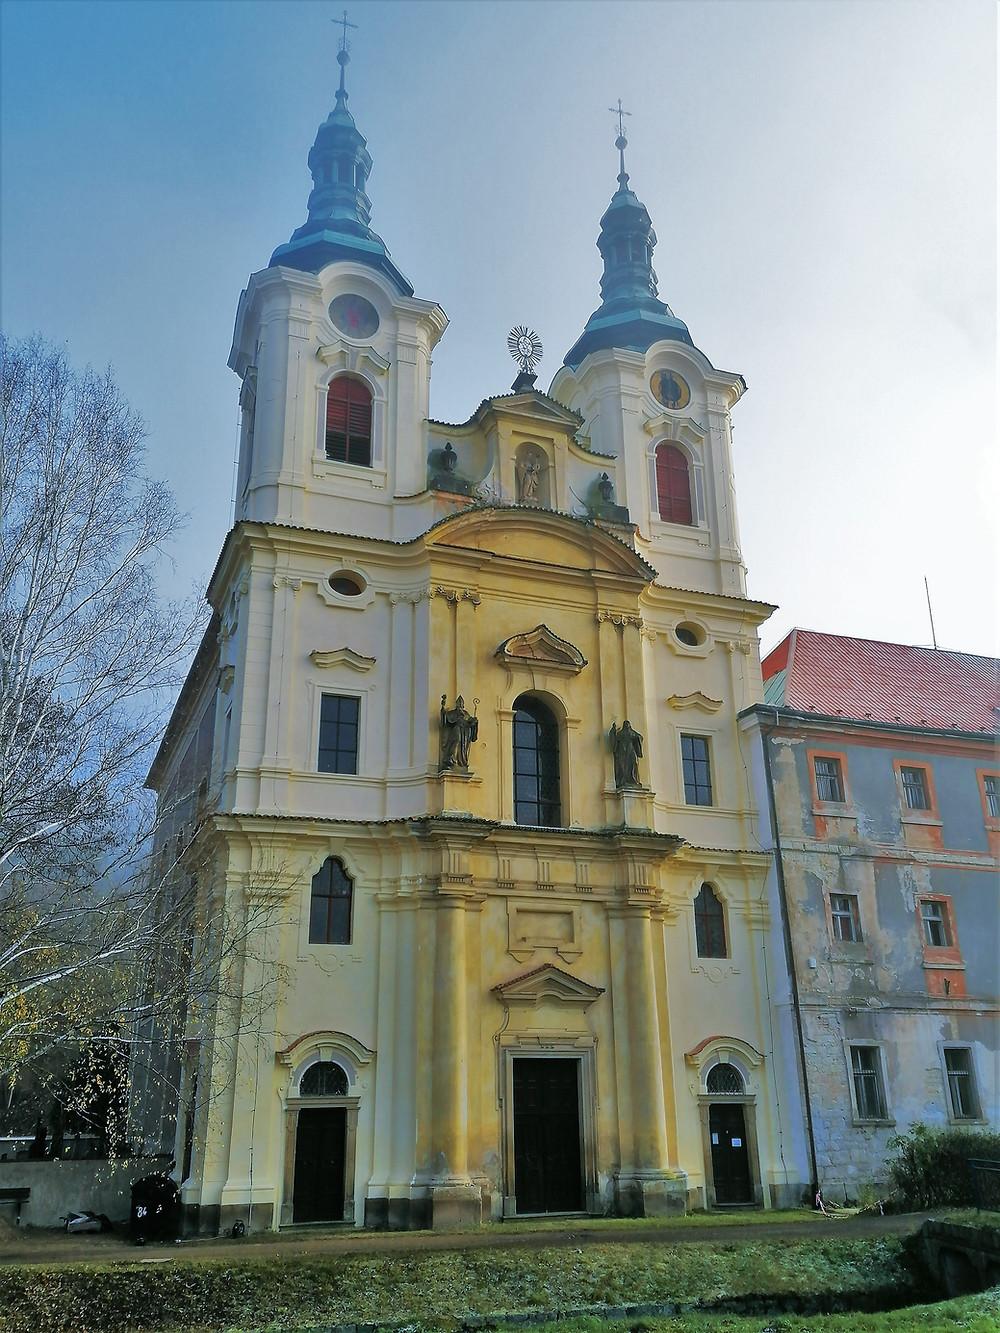 Předmětem uctívání v augustiniánském klášteře v Dolním Ročově je gotická socha Panny Marie Področovské